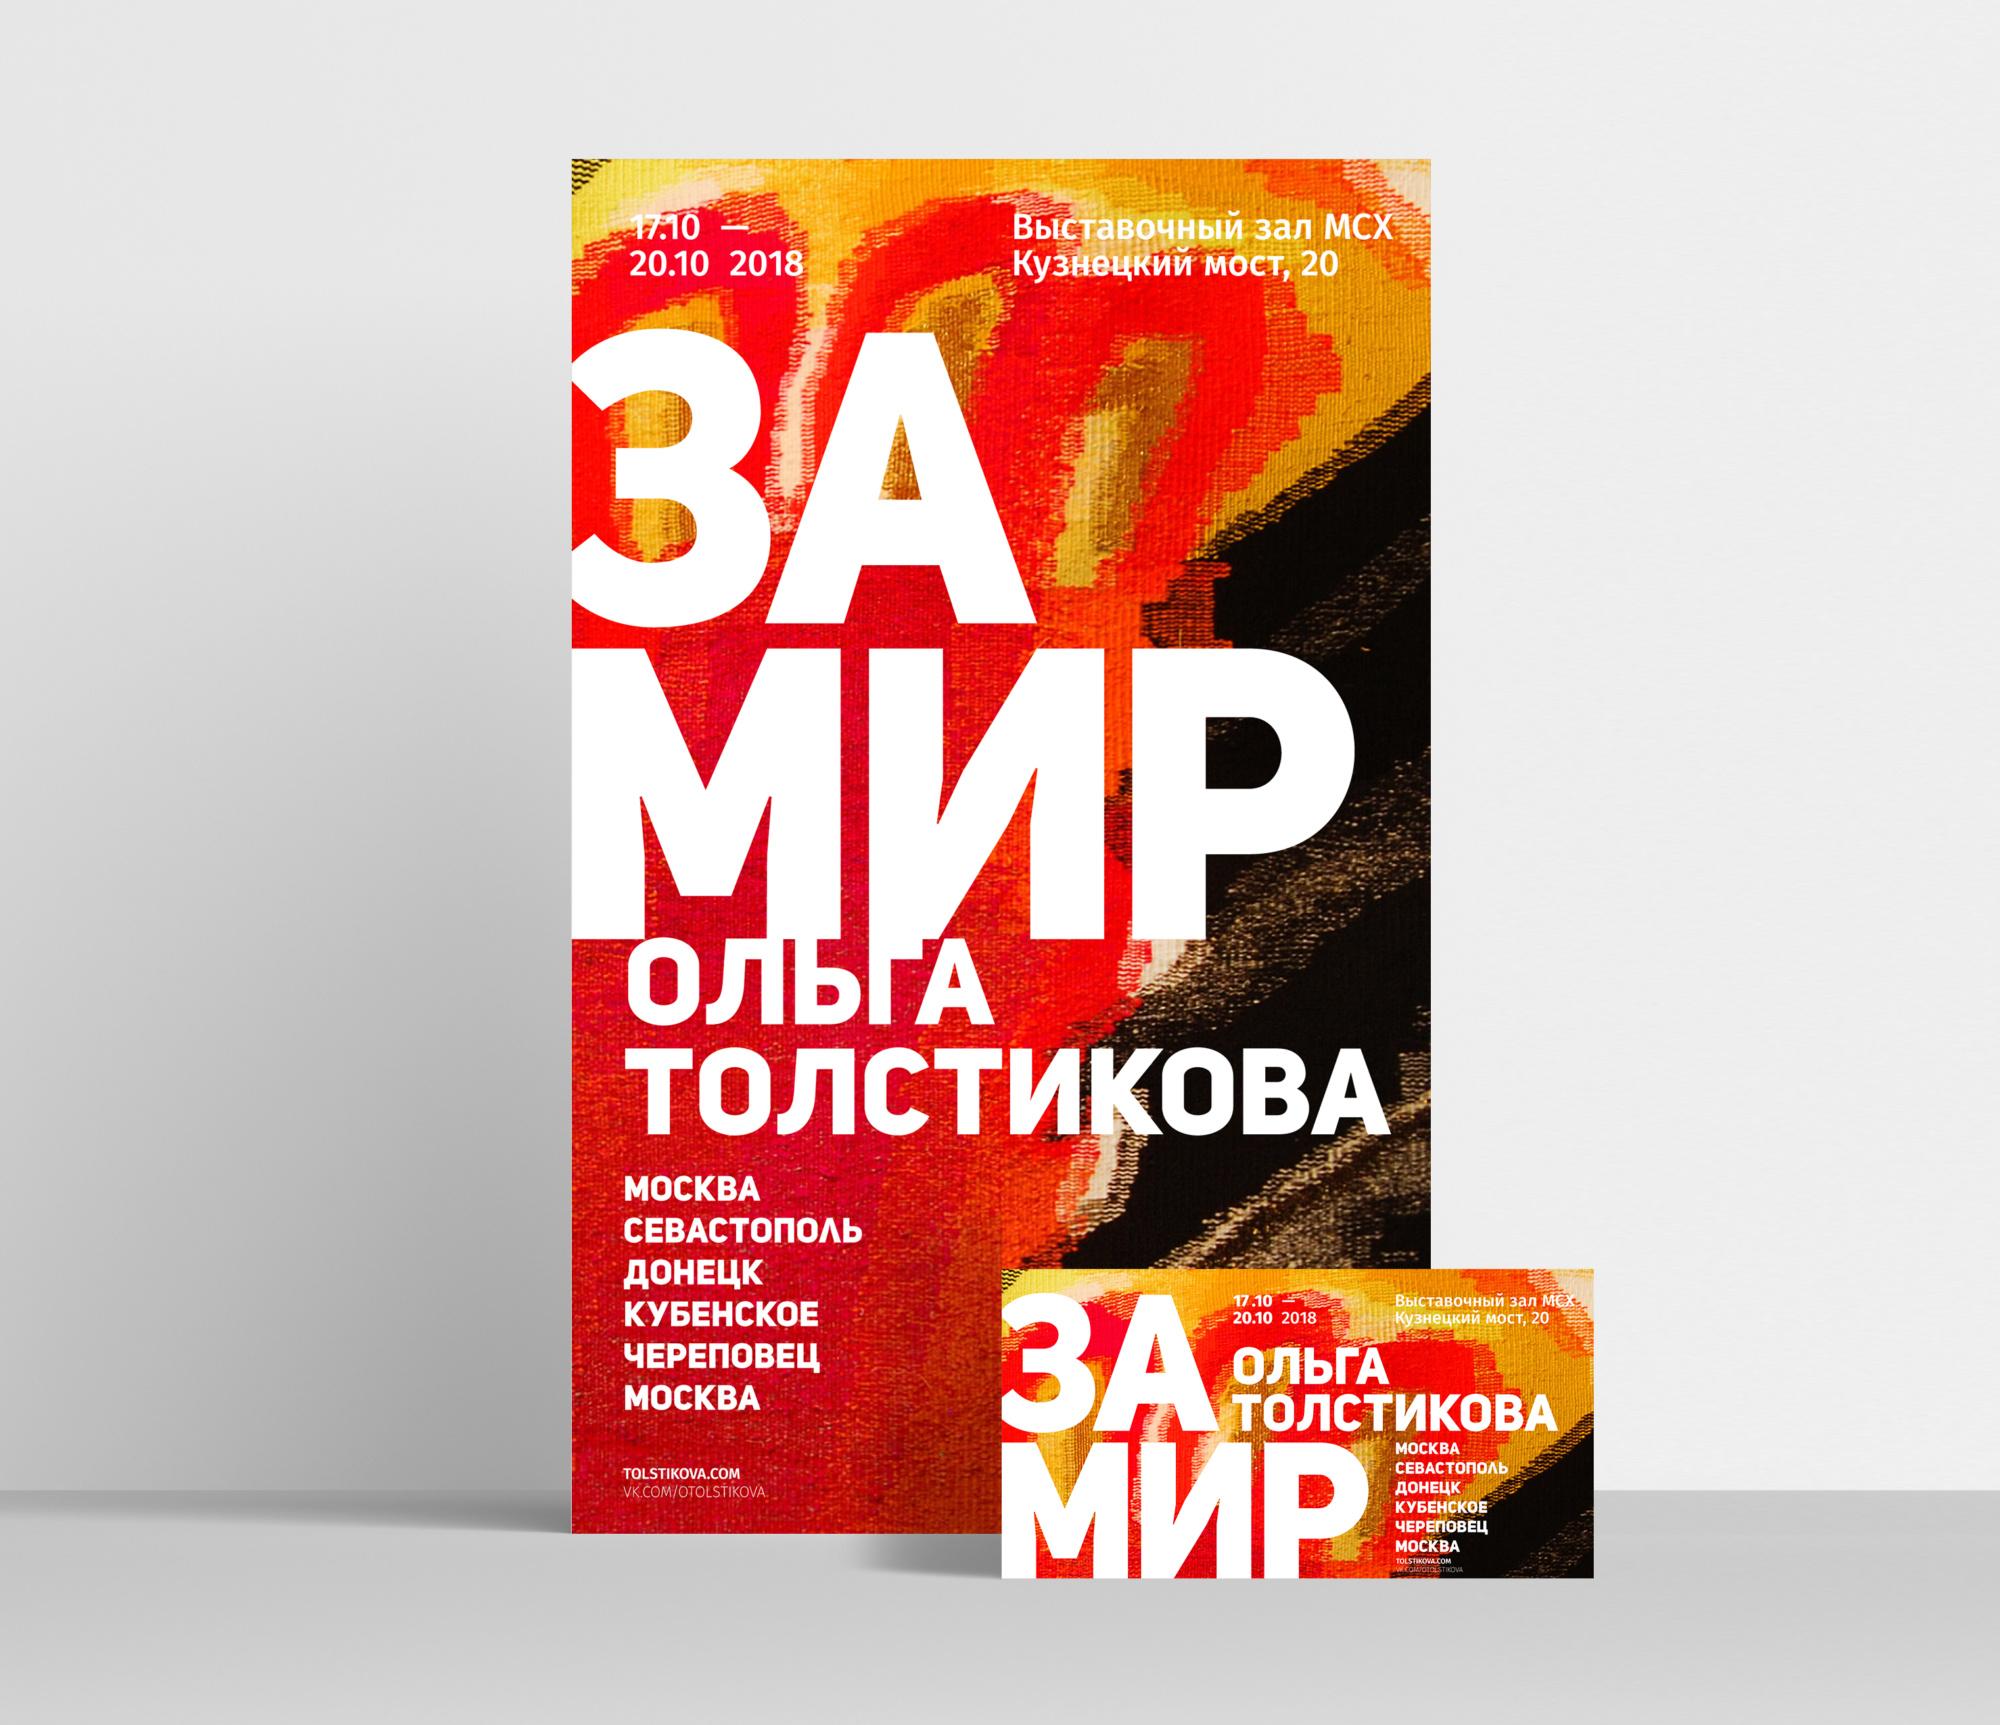 Афиша для выставки художника Ольги Толстиковой «За Мир». ©DMTRVK